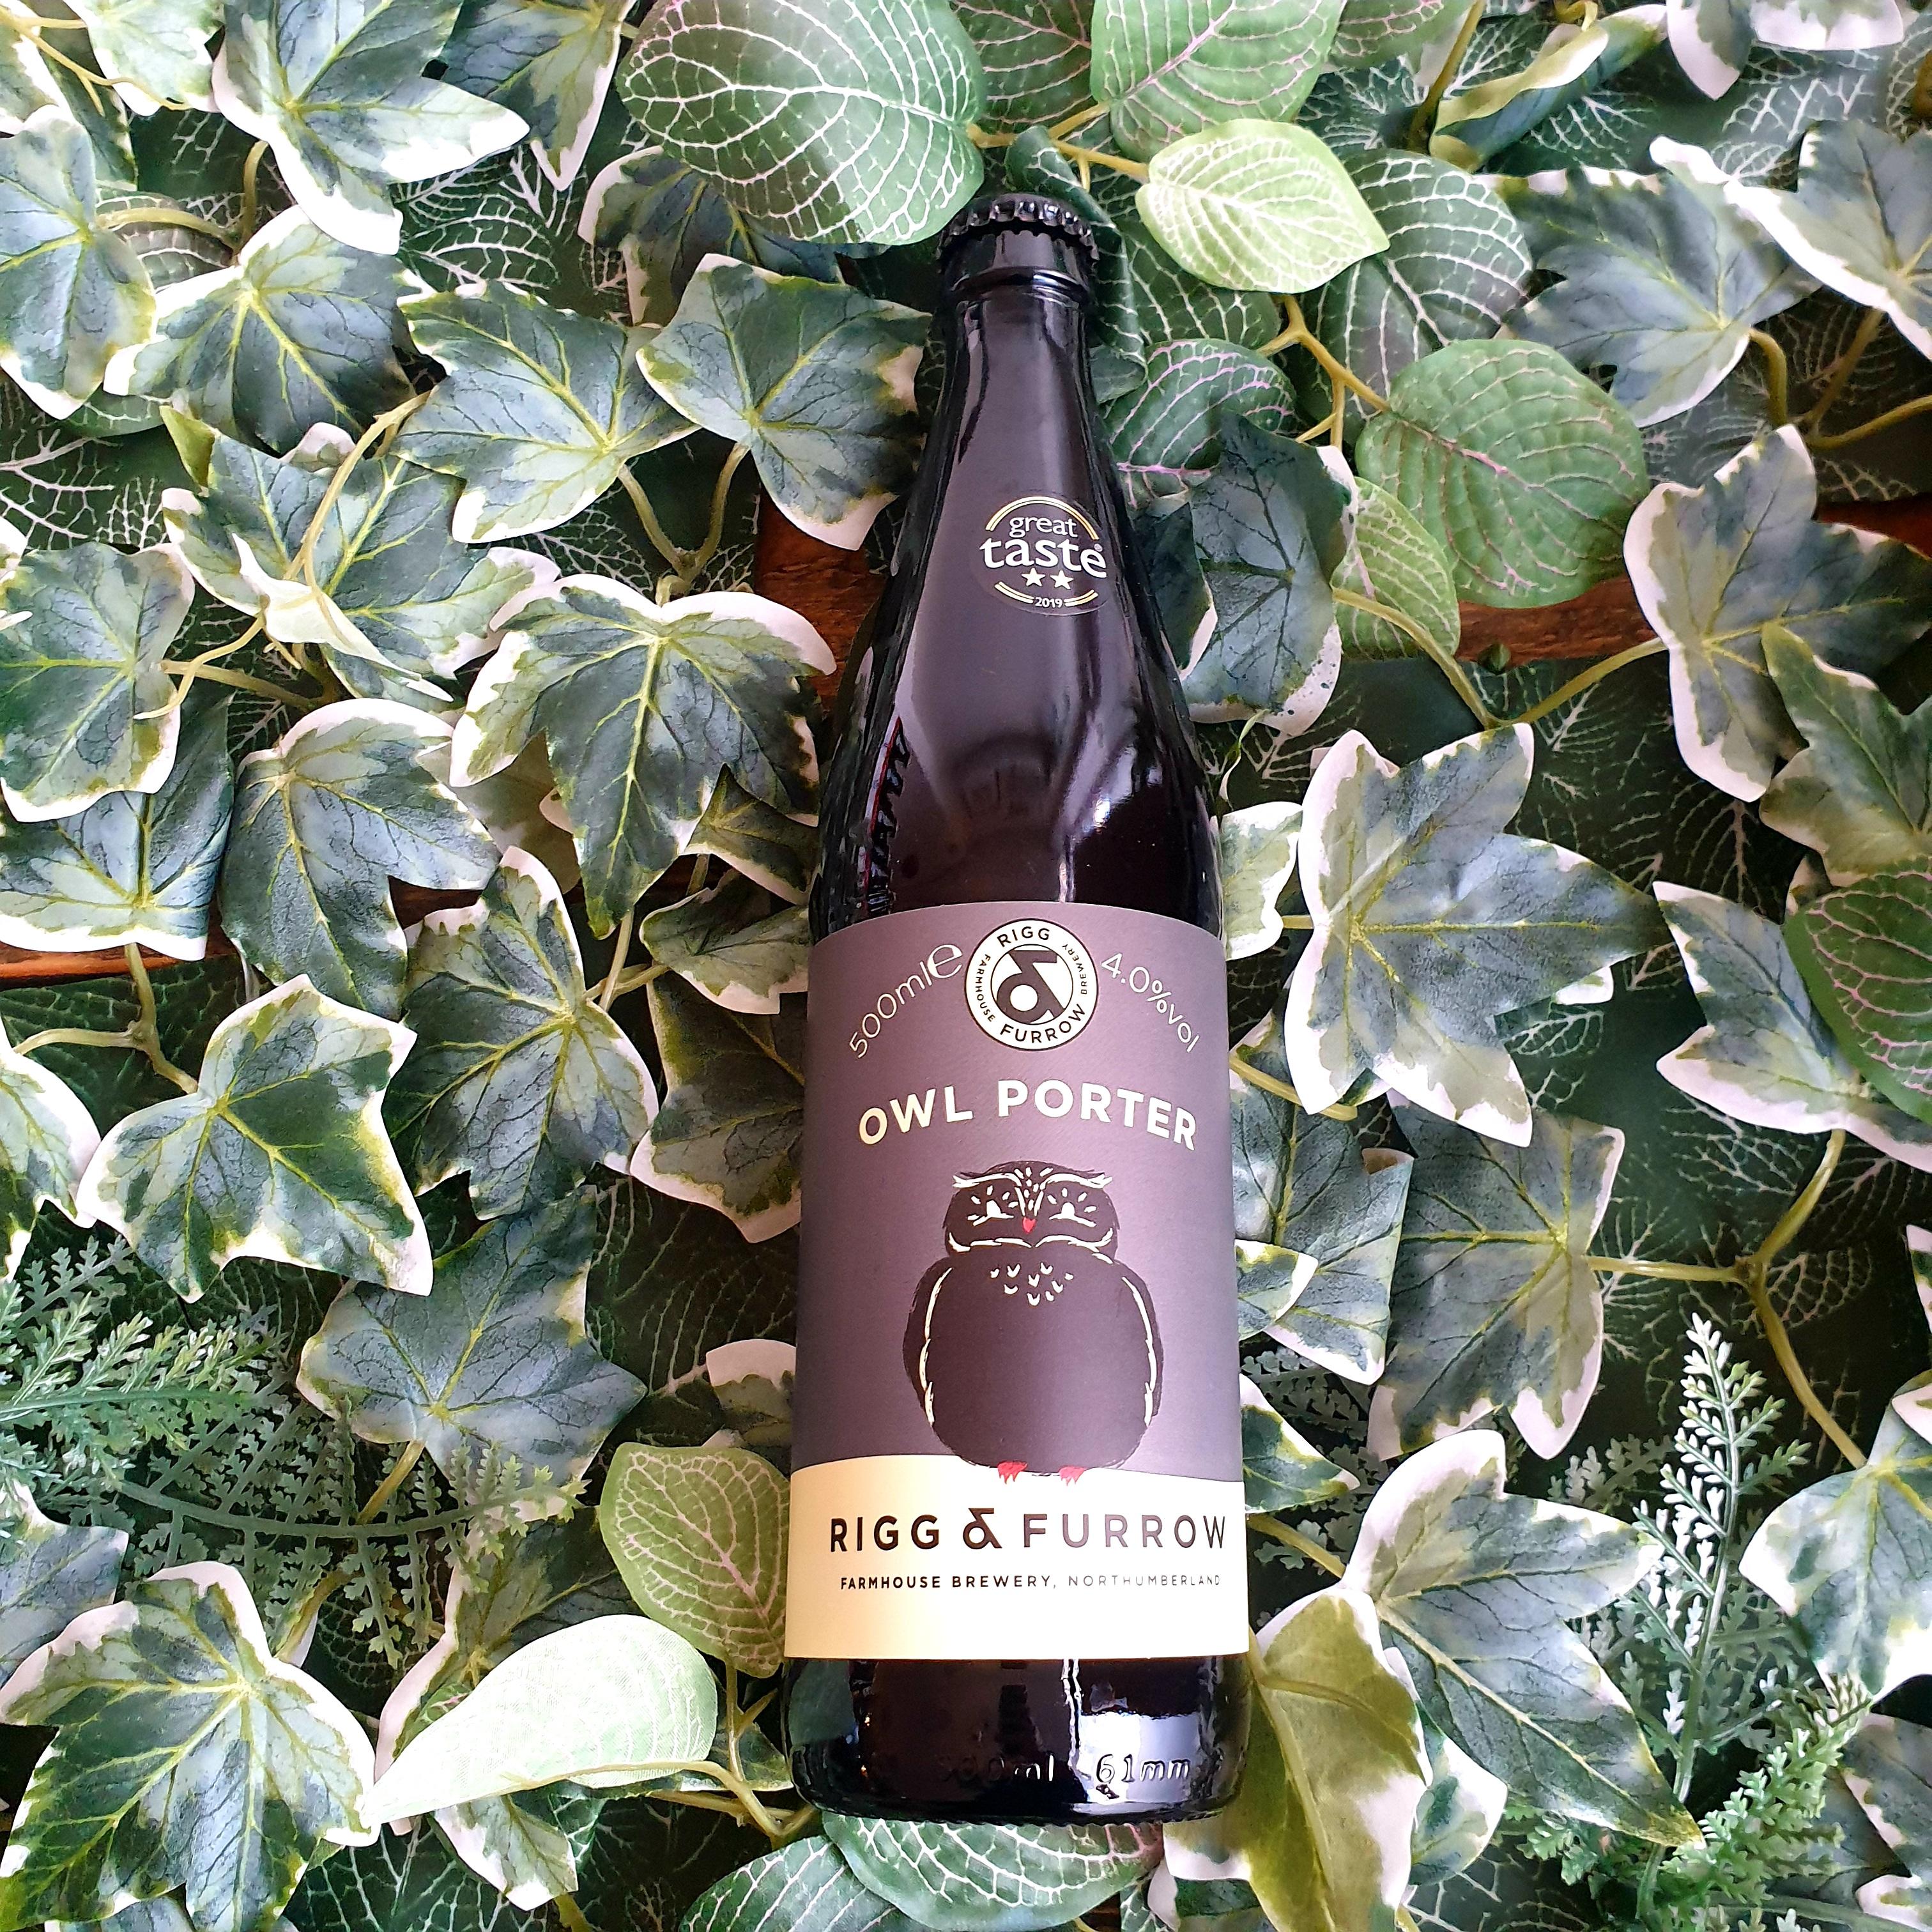 Rigg & Furrow - Owl Porter 4%